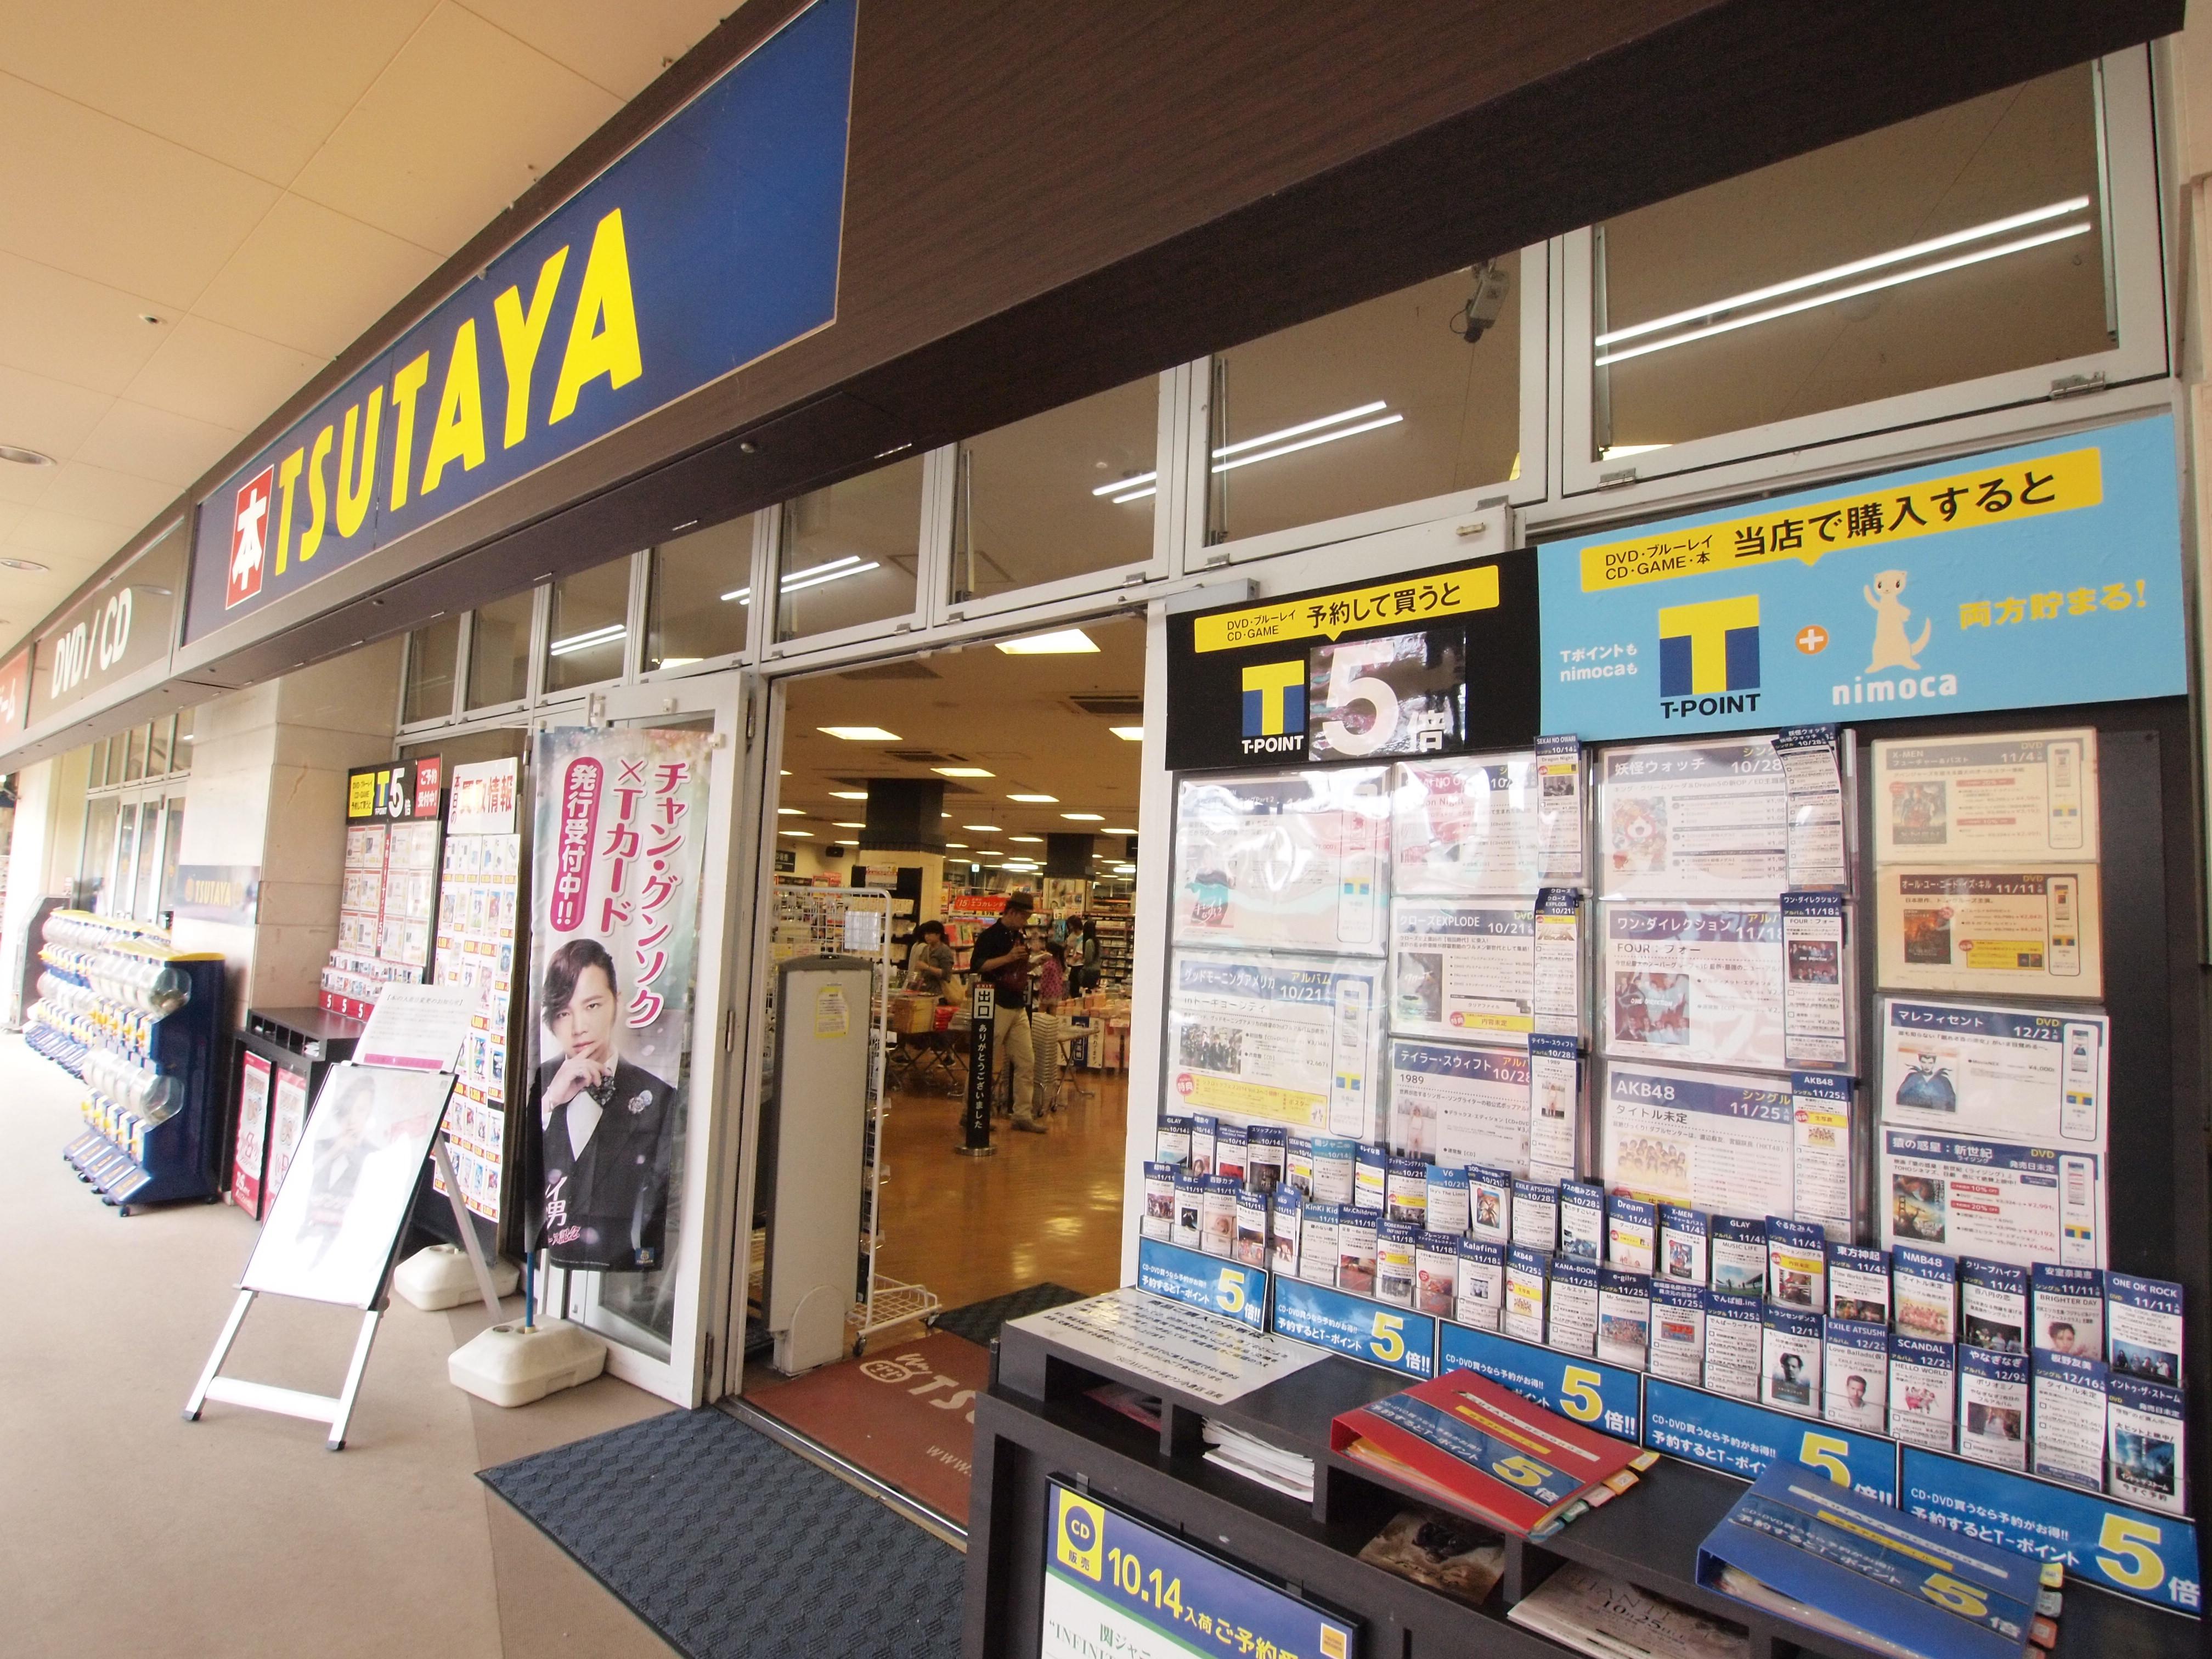 ショッピング施設:TSUTAYA チャチャタウン小倉店 496m